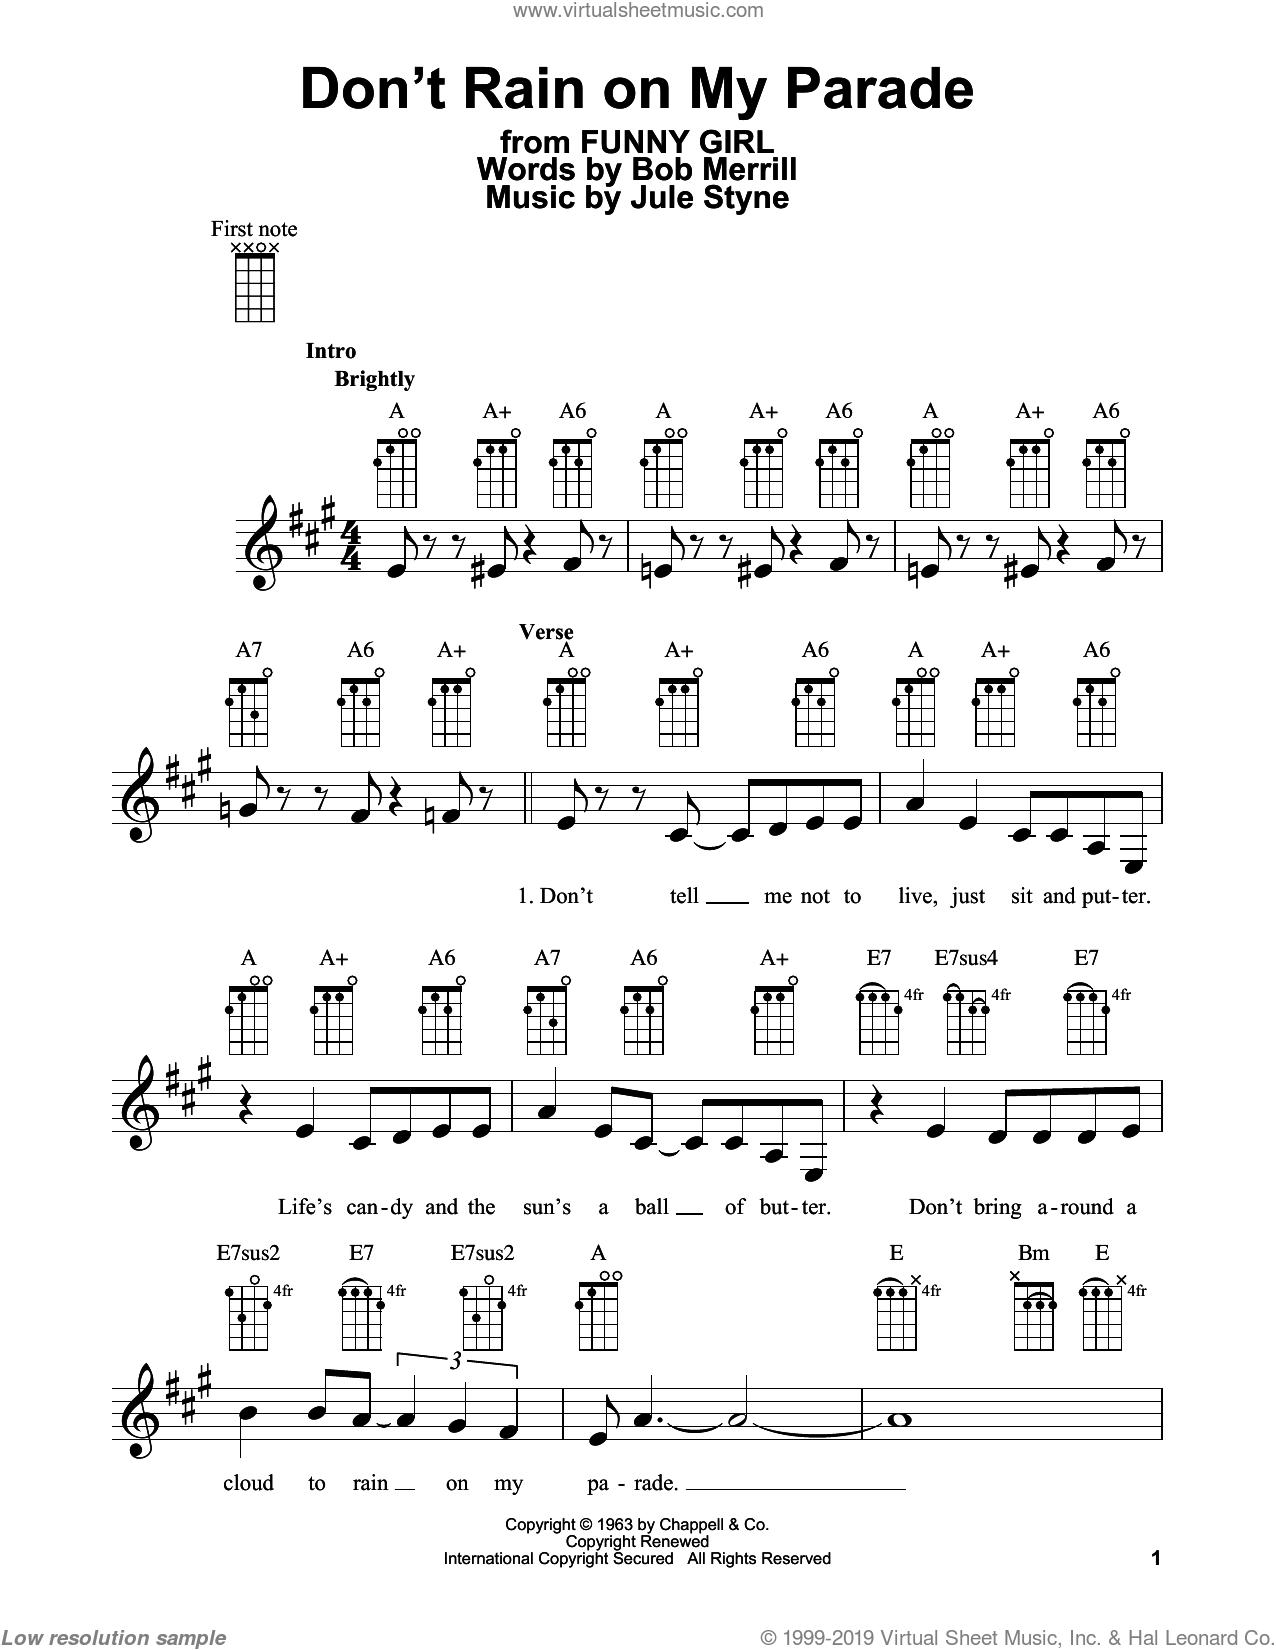 Don't Rain On My Parade sheet music for ukulele by Barbra Streisand, Bob Merrill, Glee Cast and Jule Styne, intermediate skill level